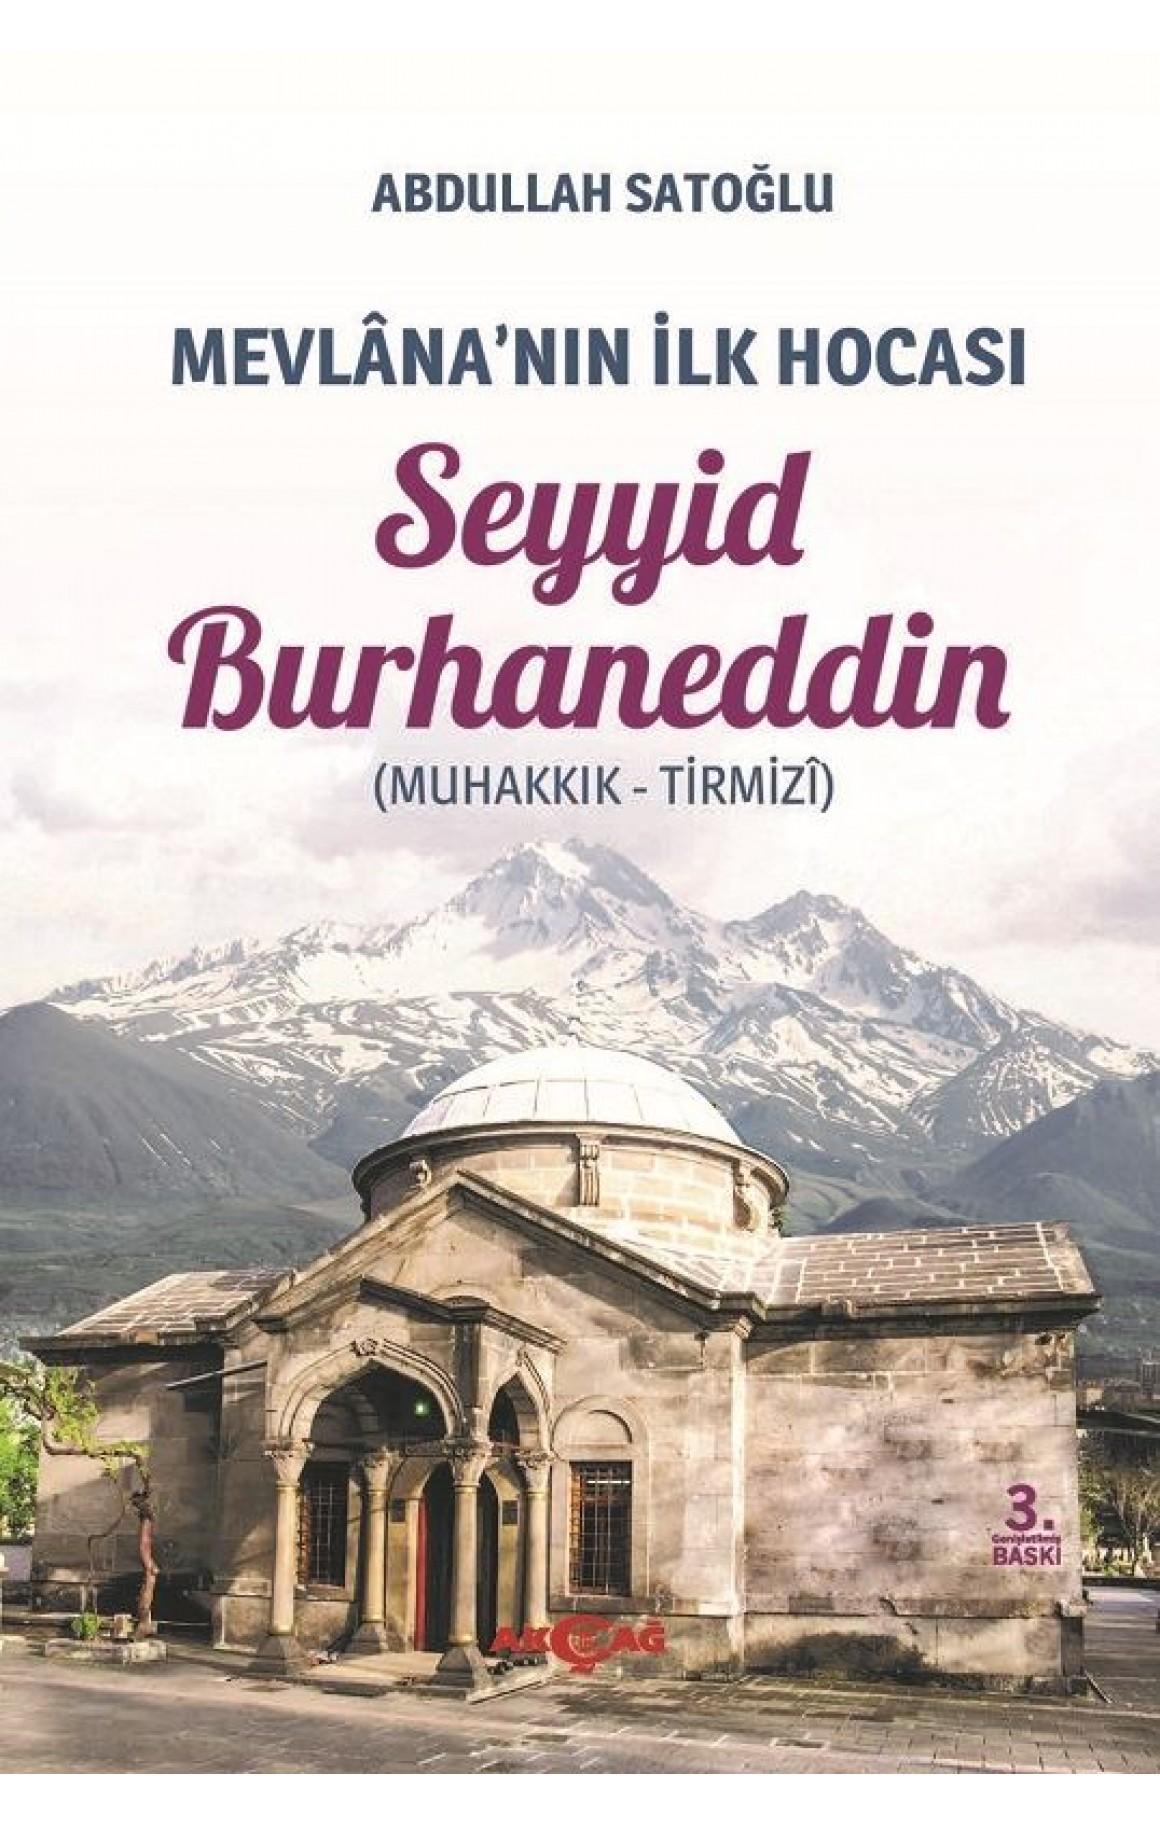 Mevlananın İlk Hocası: Seyyid Burhaneddin